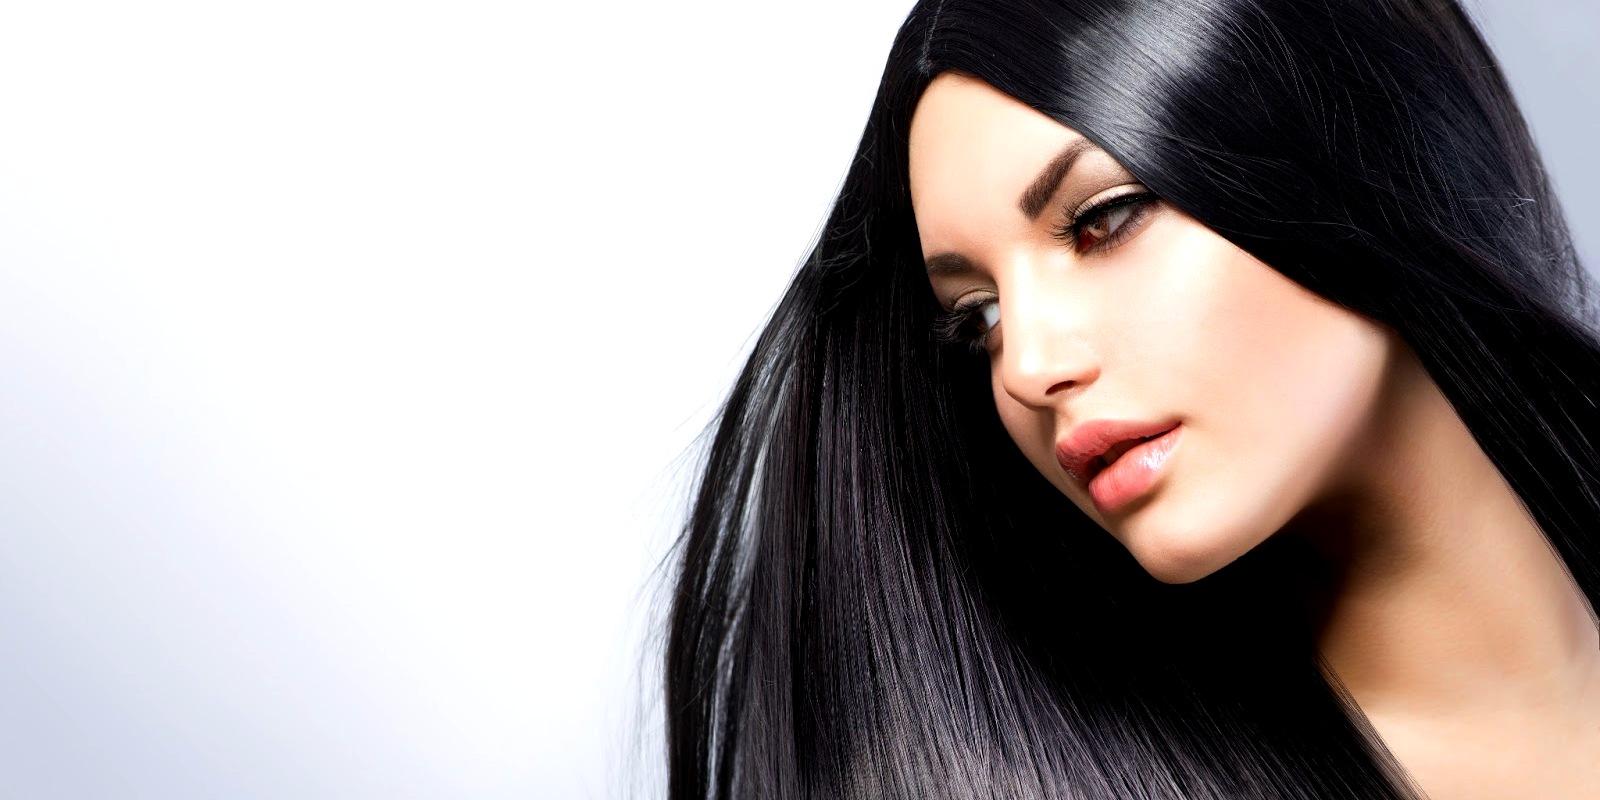 масло кофе для волос - Масло кофе для волос - секрет здоровья и сияния!